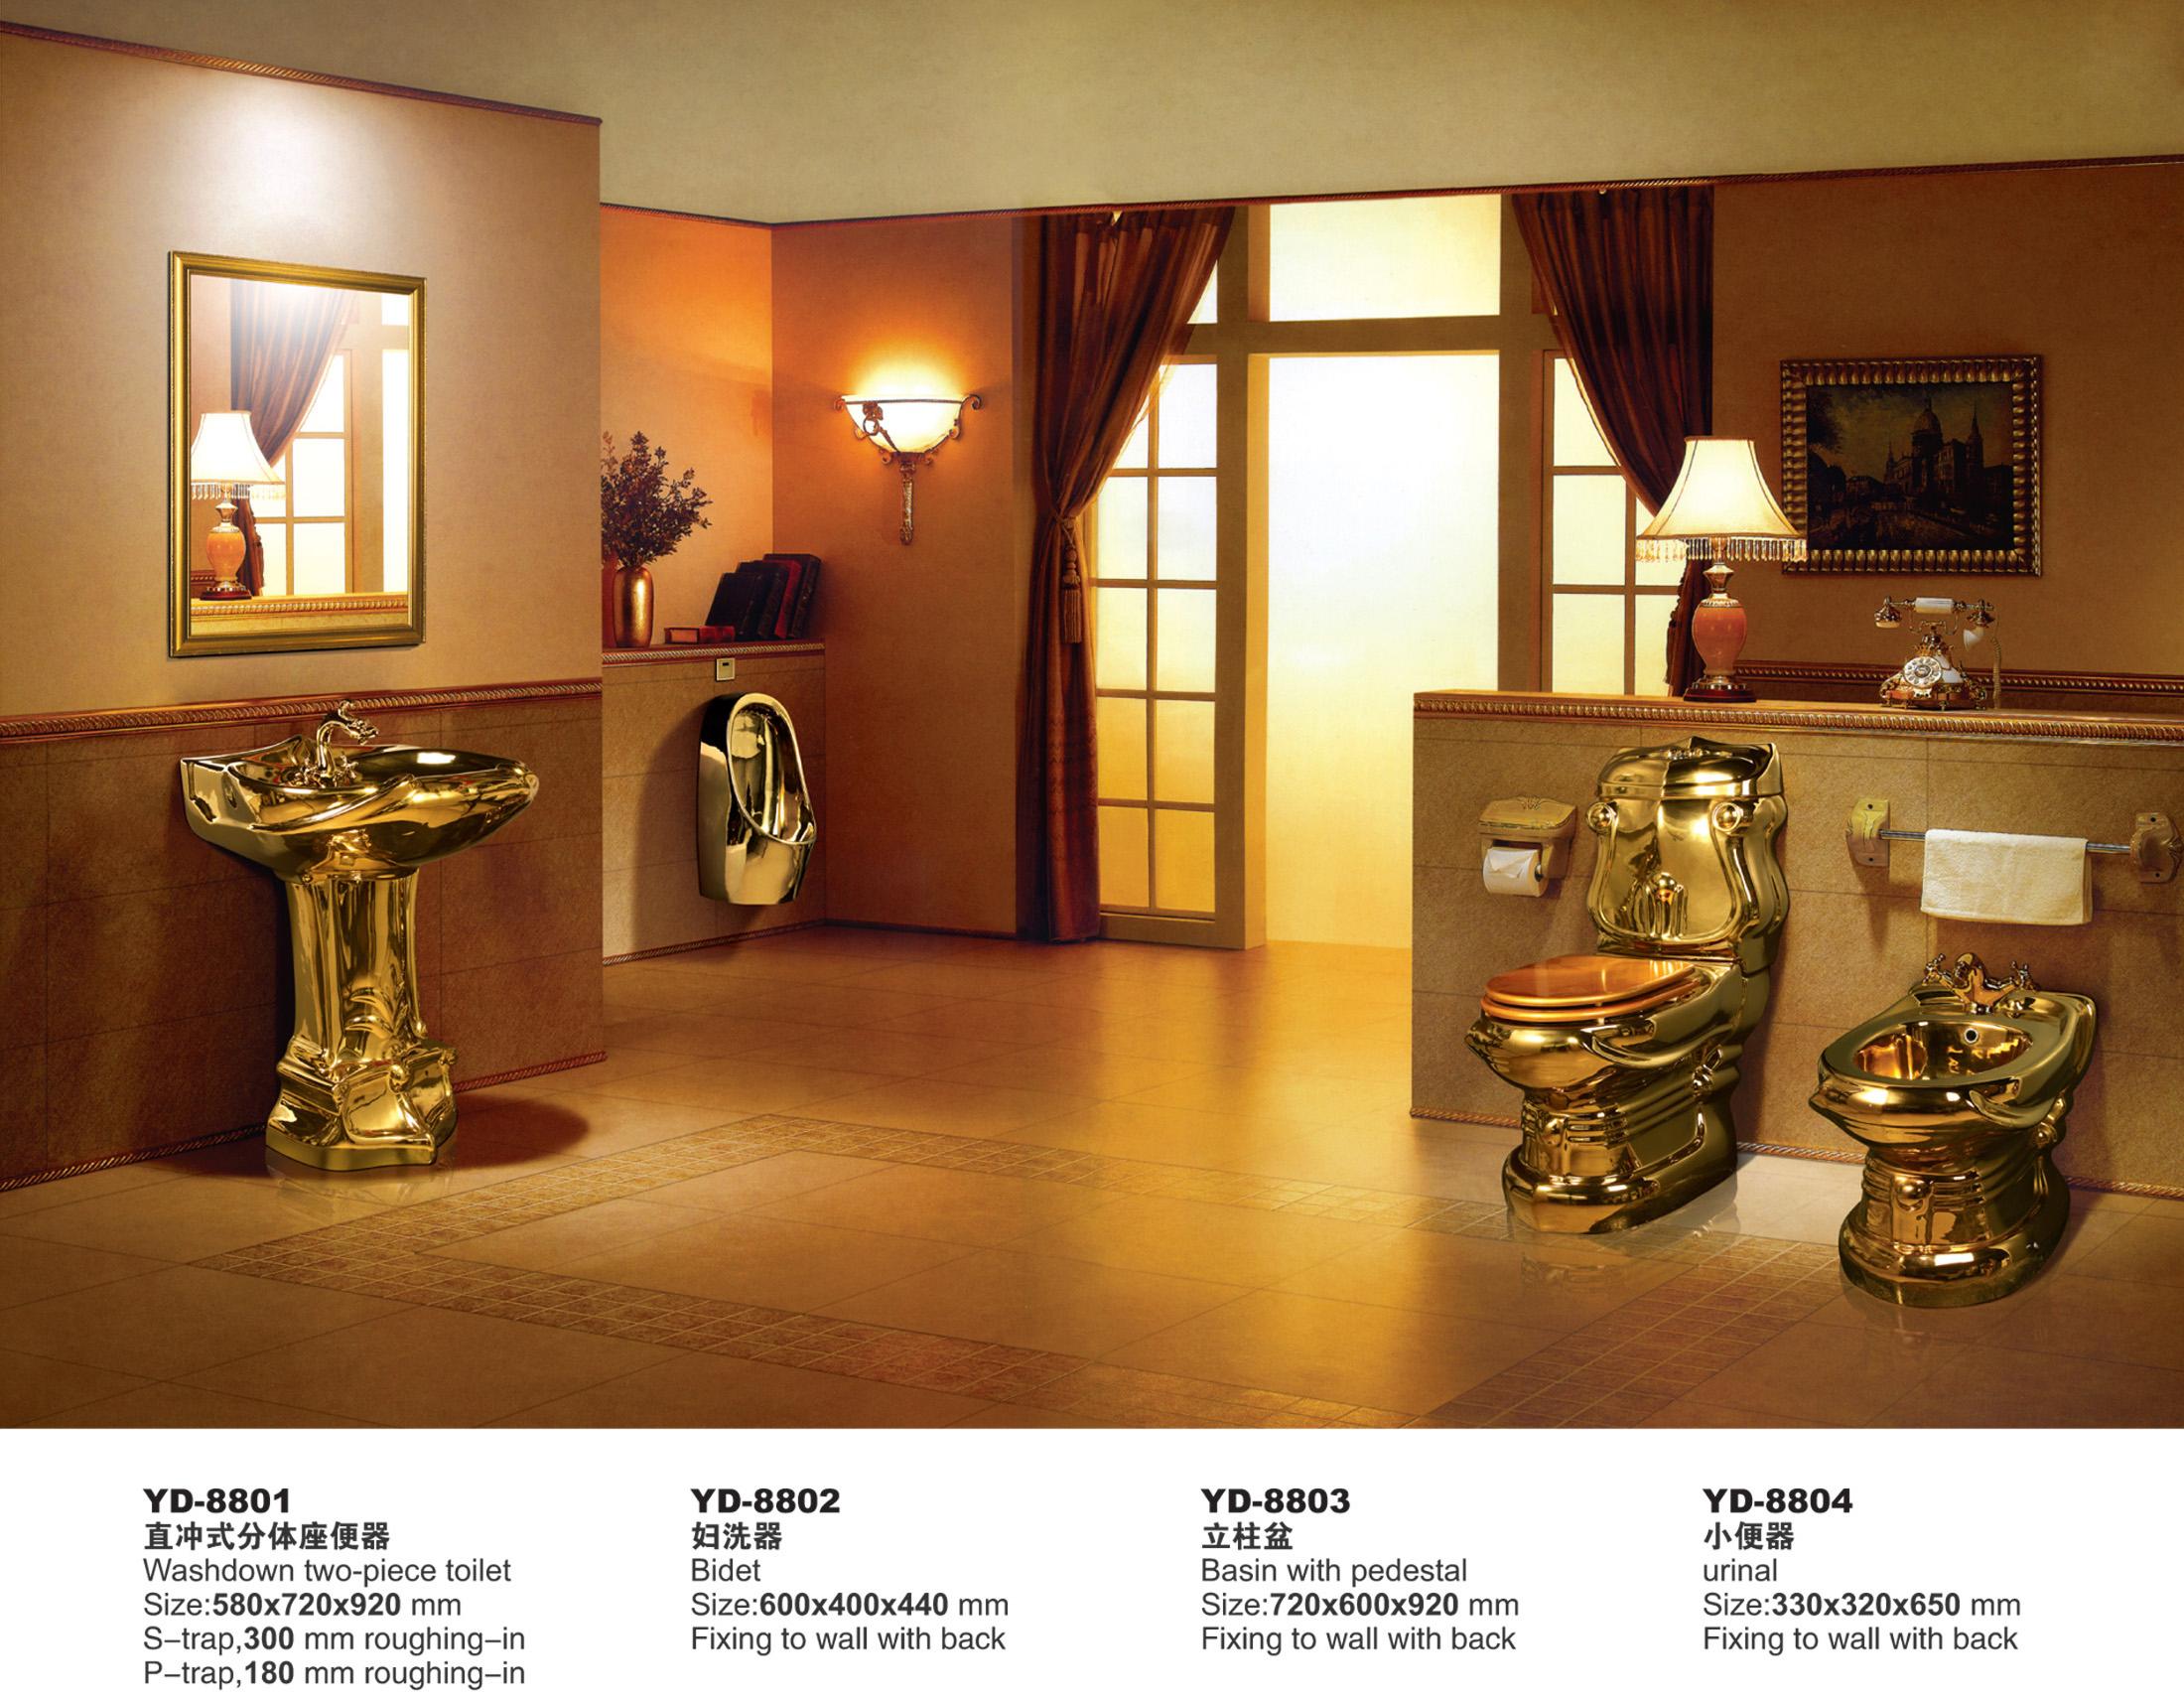 座便器-益达卫浴-【金色马桶